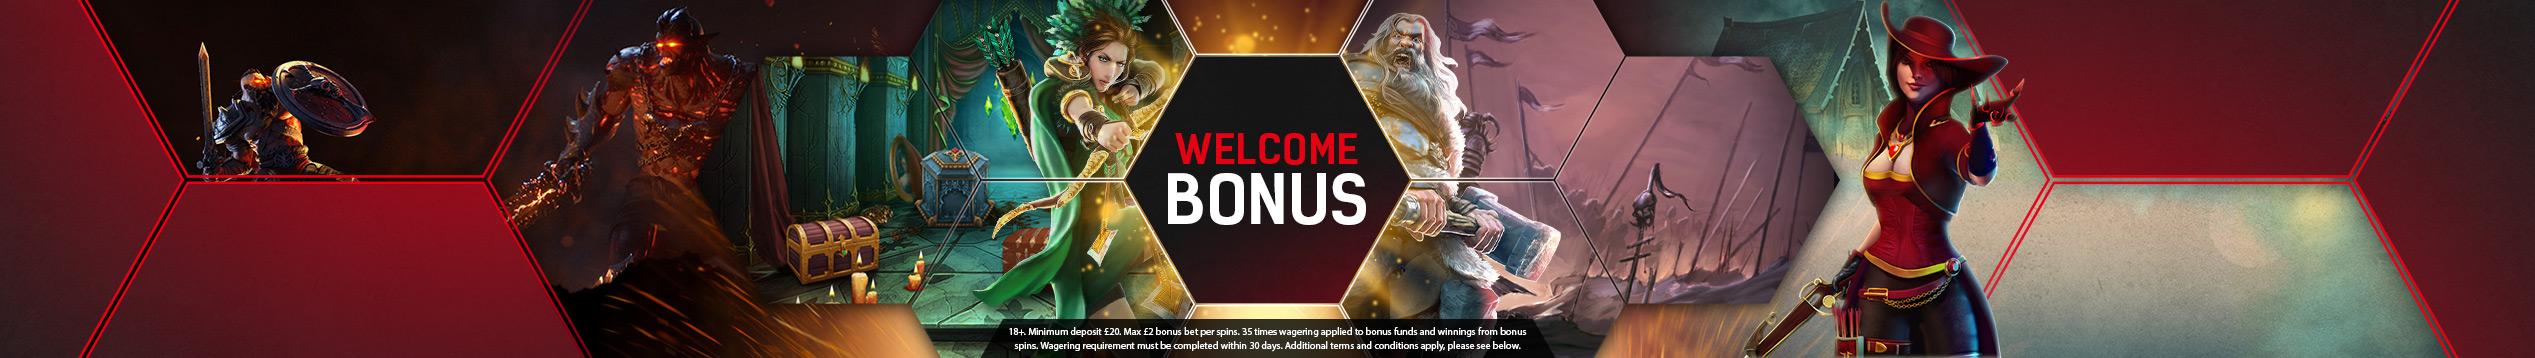 £100 deposit bonus!